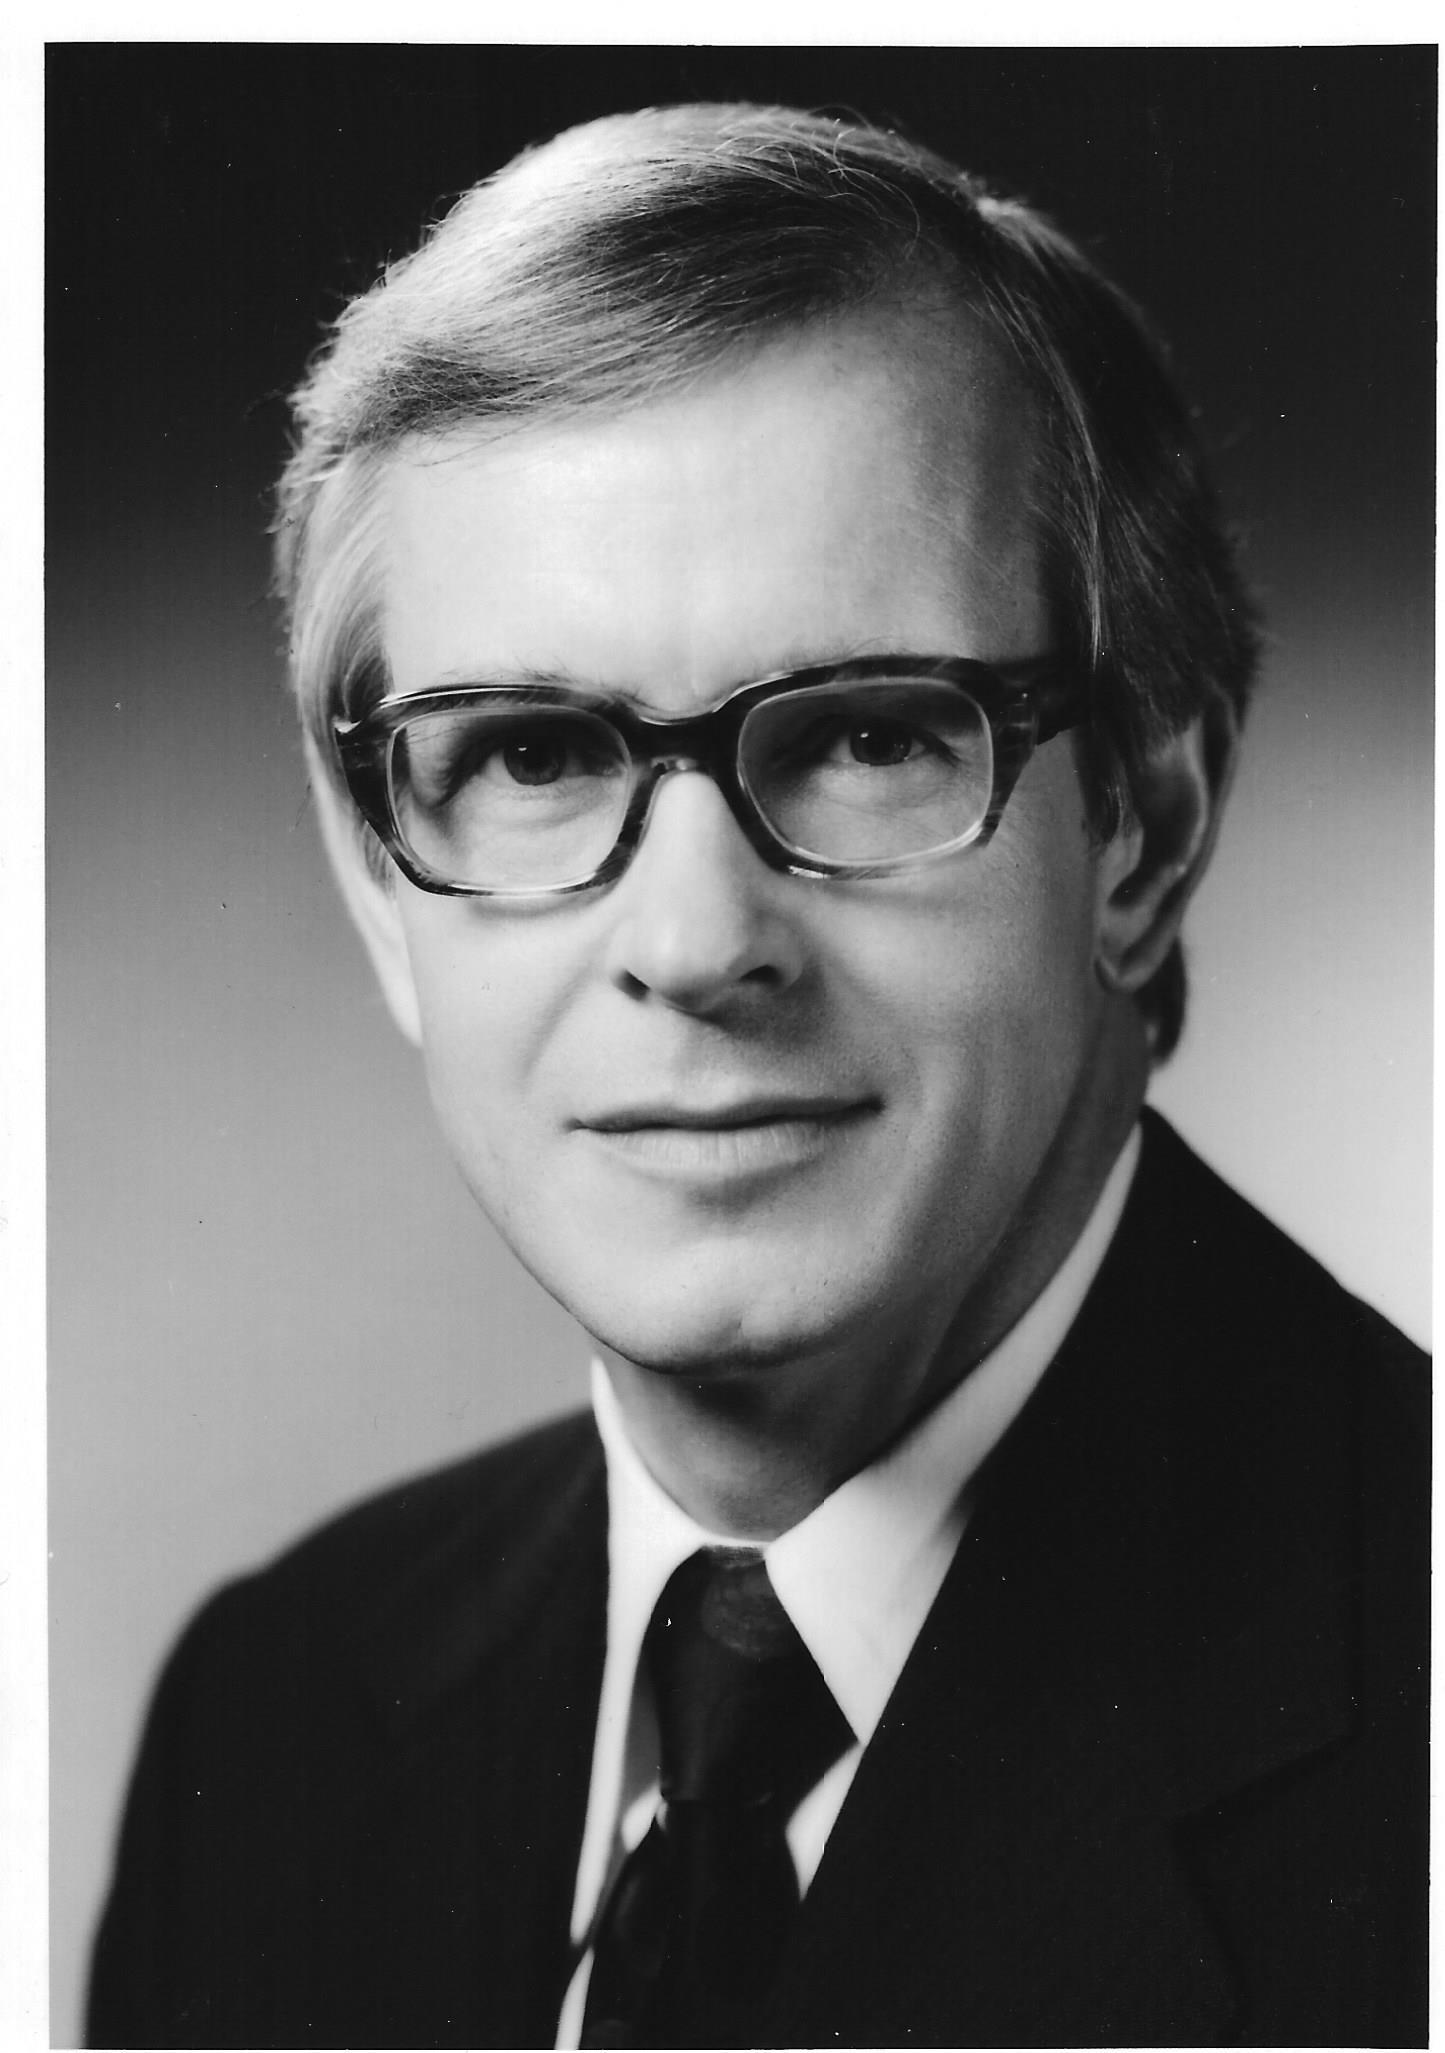 Robert Dowsett (1973-1974)